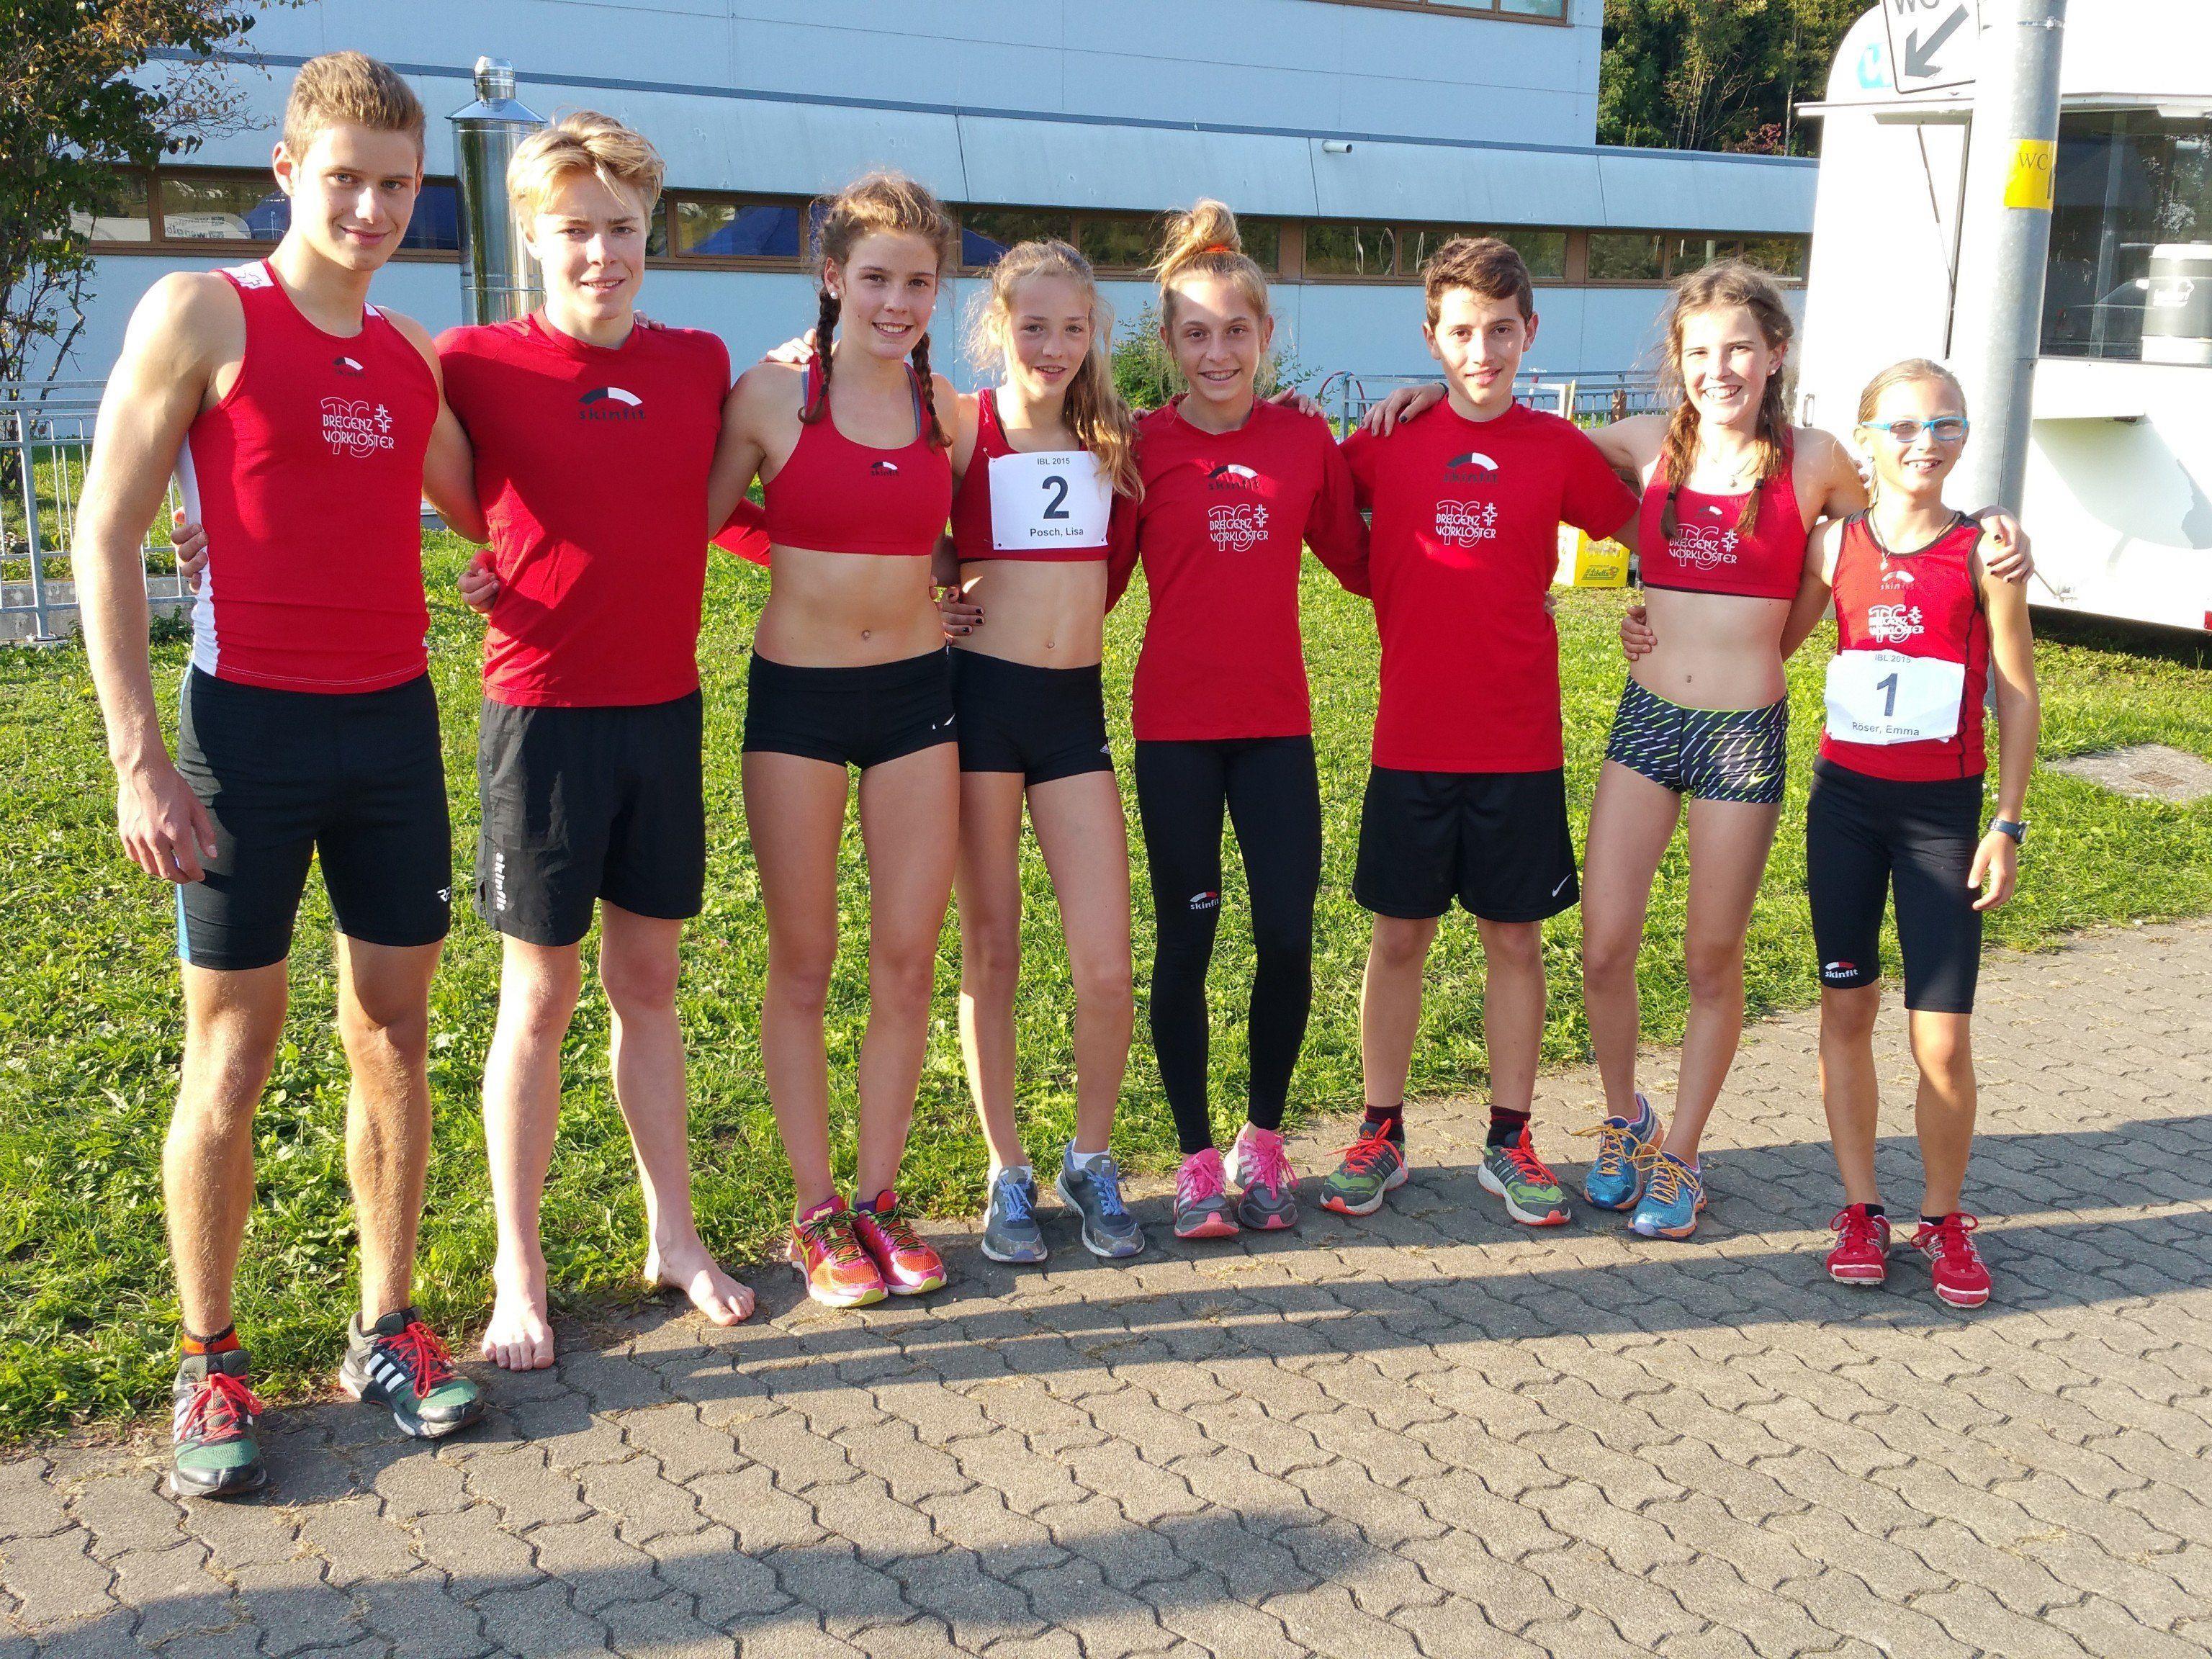 Die erfolgreichen Teilnehmer der TS Bregenz-Vorkloster in Tettnang.